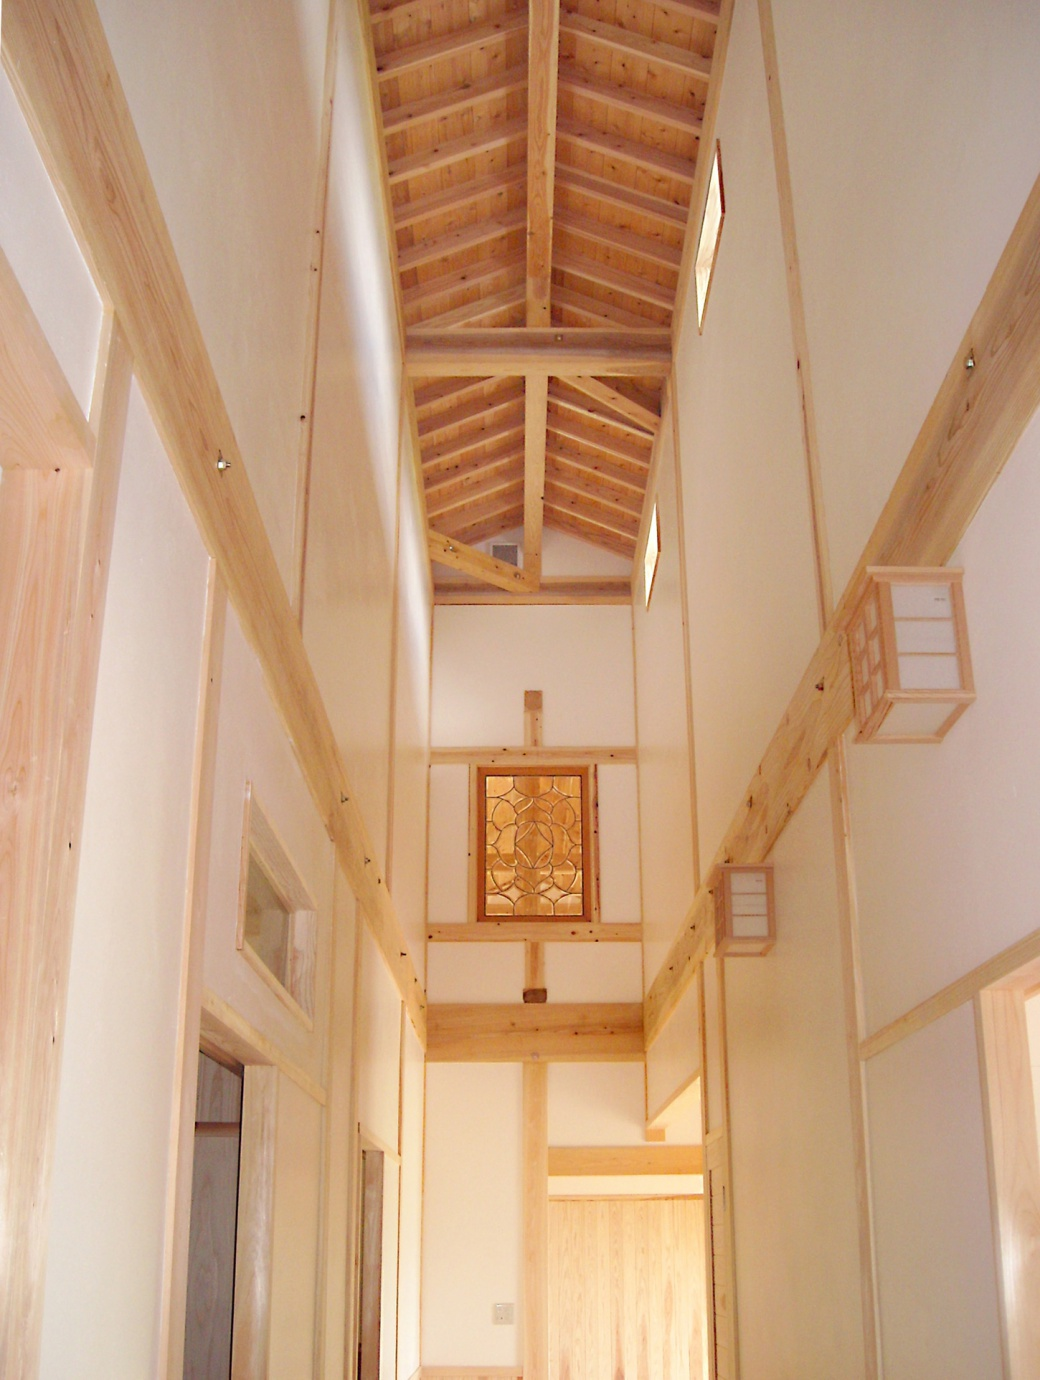 久間産業の施工イメージ:天井が高い廊下